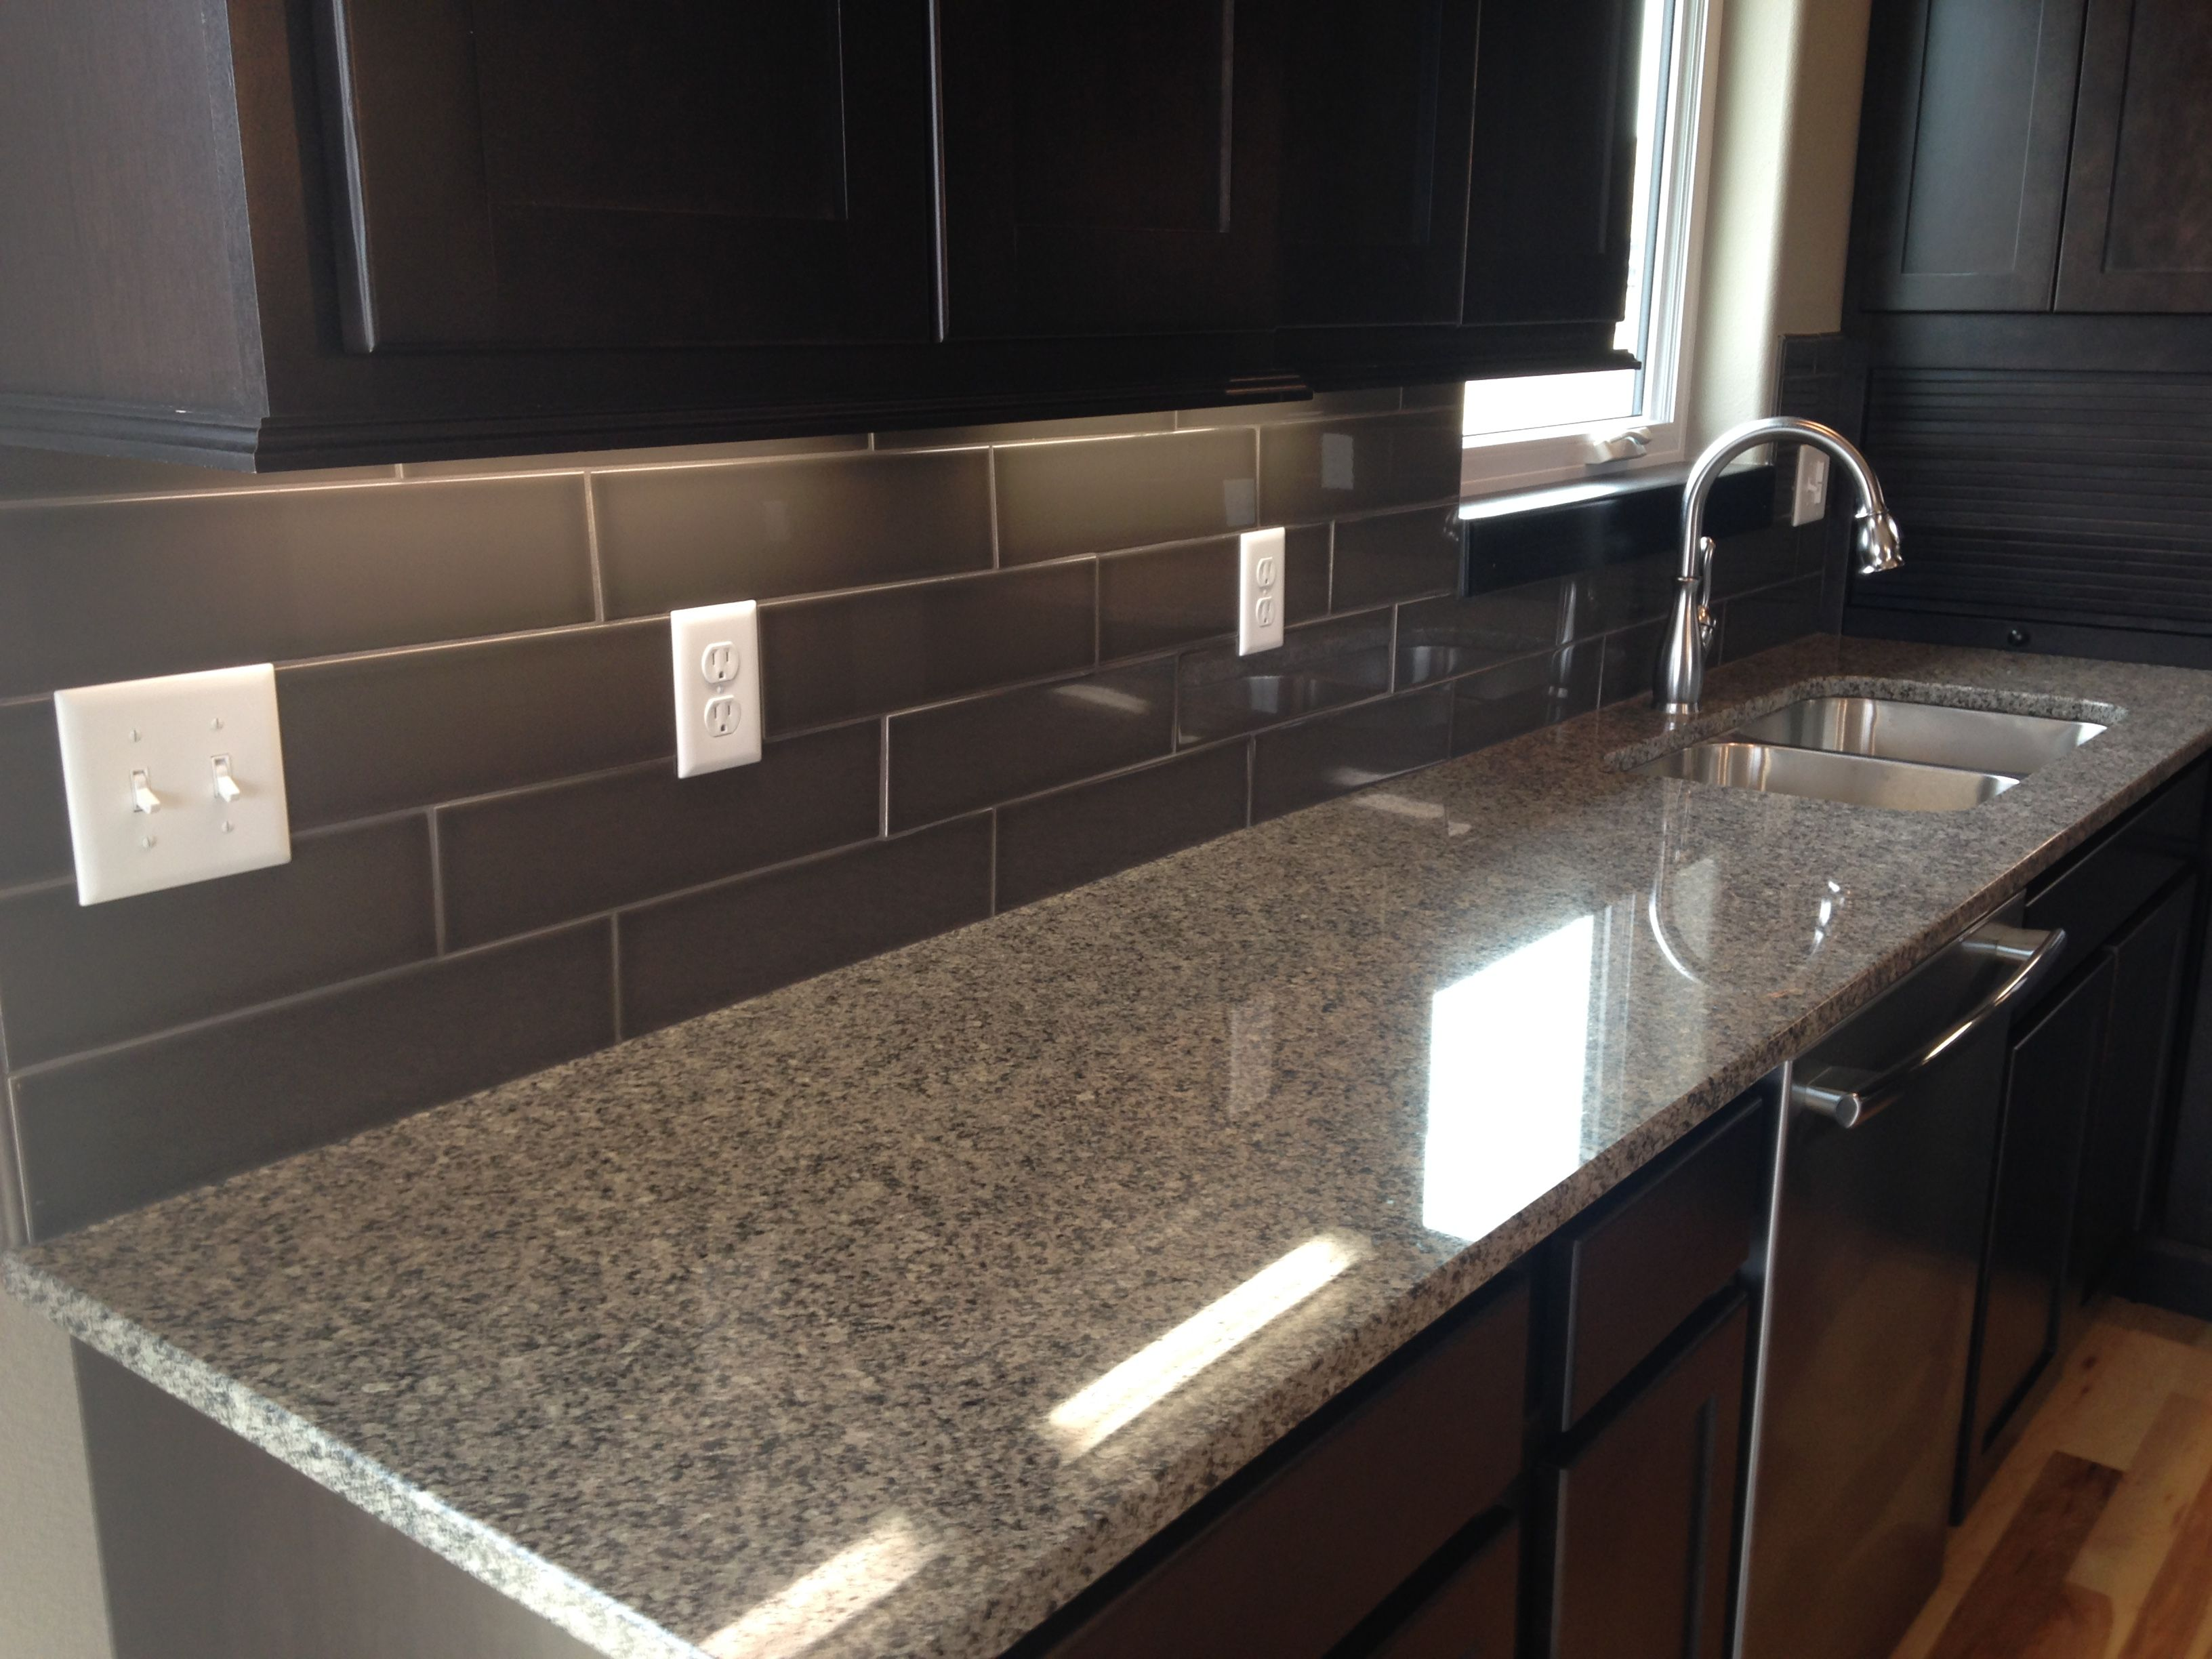 Kitchen backsplash in a 4x16 dark subway style tile | Design by ...